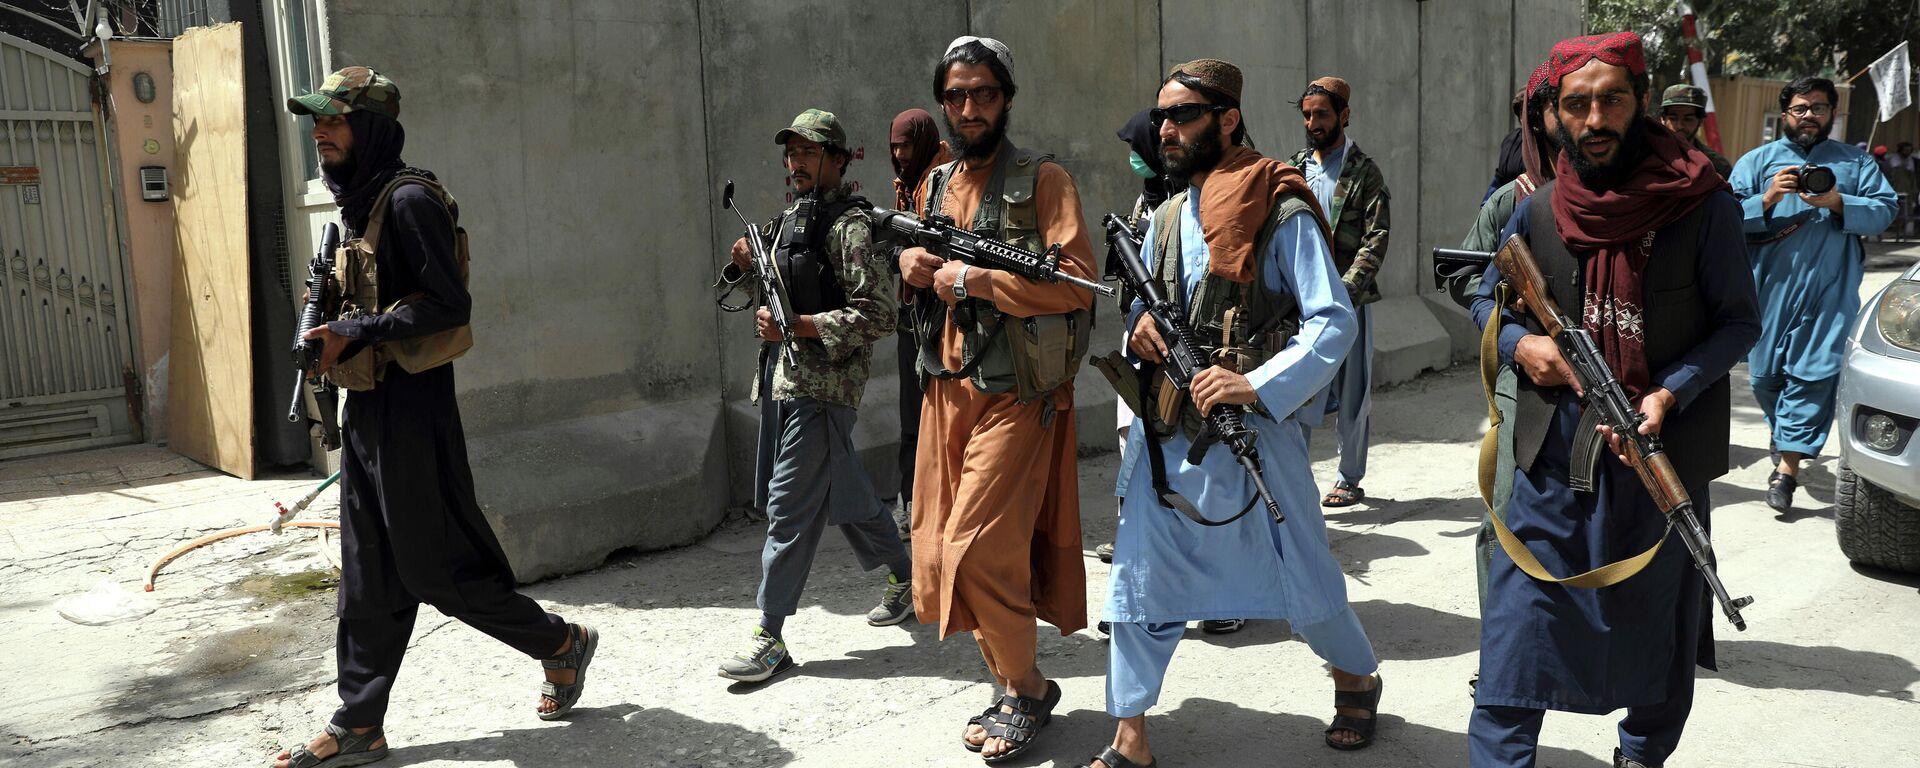 Ταλιμπάν στους δρόμους της Καμπούλ στο Αφγανιστάν - Sputnik Ελλάδα, 1920, 06.09.2021